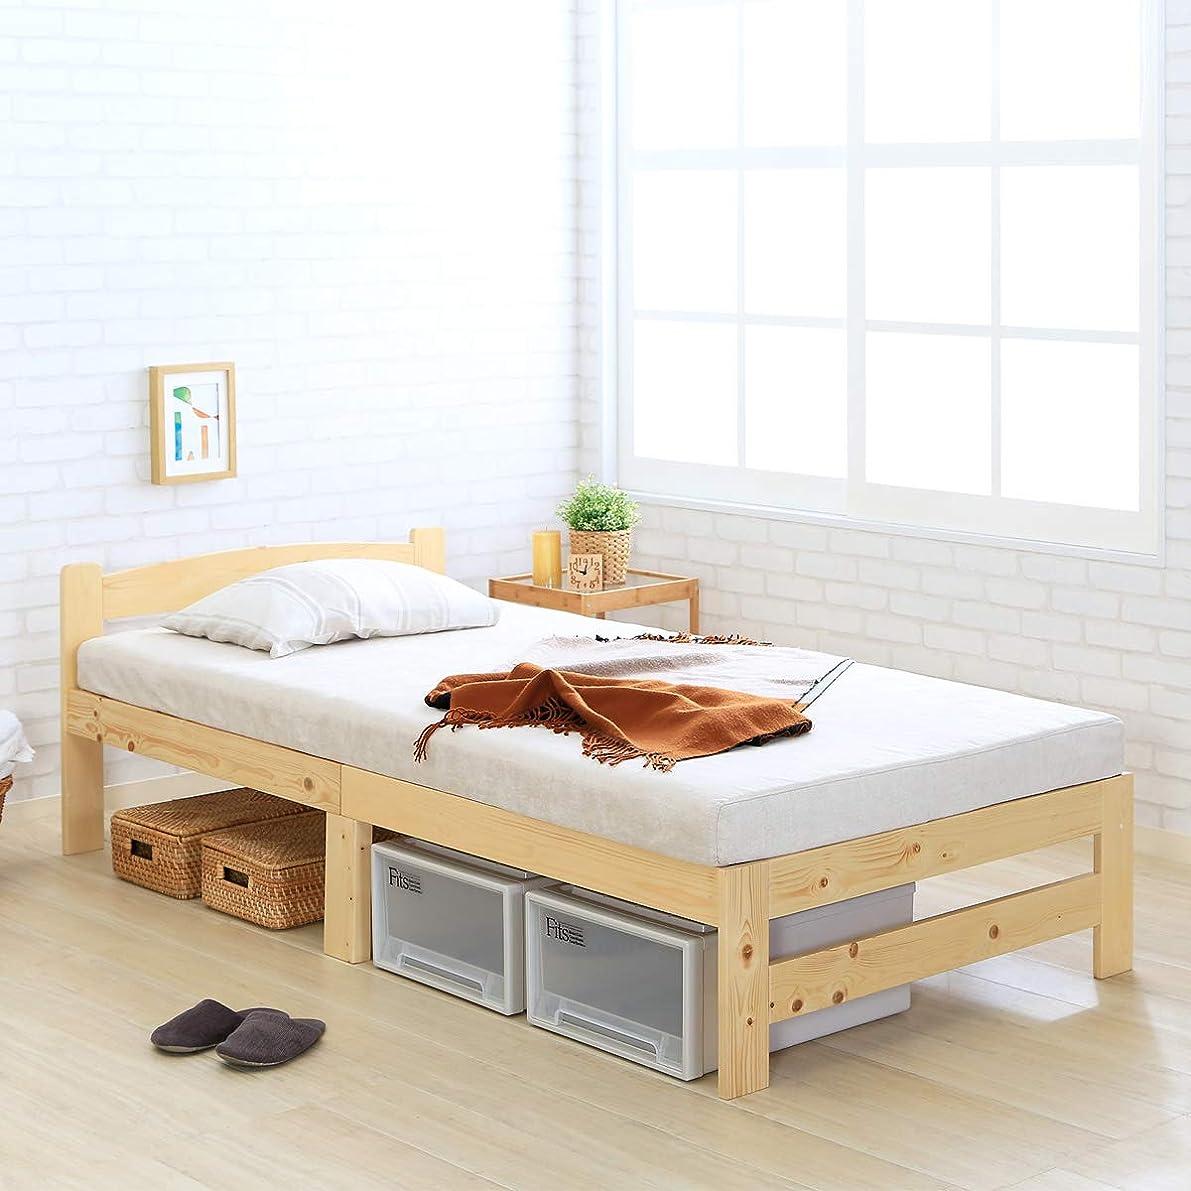 衝撃傀儡ロードハウスシンプルヘッドボードモデル すのこ スノコベッド 無垢 北欧 パイン材すのこ ベッド クリアパイン色/シングル S(シンプルHB付)